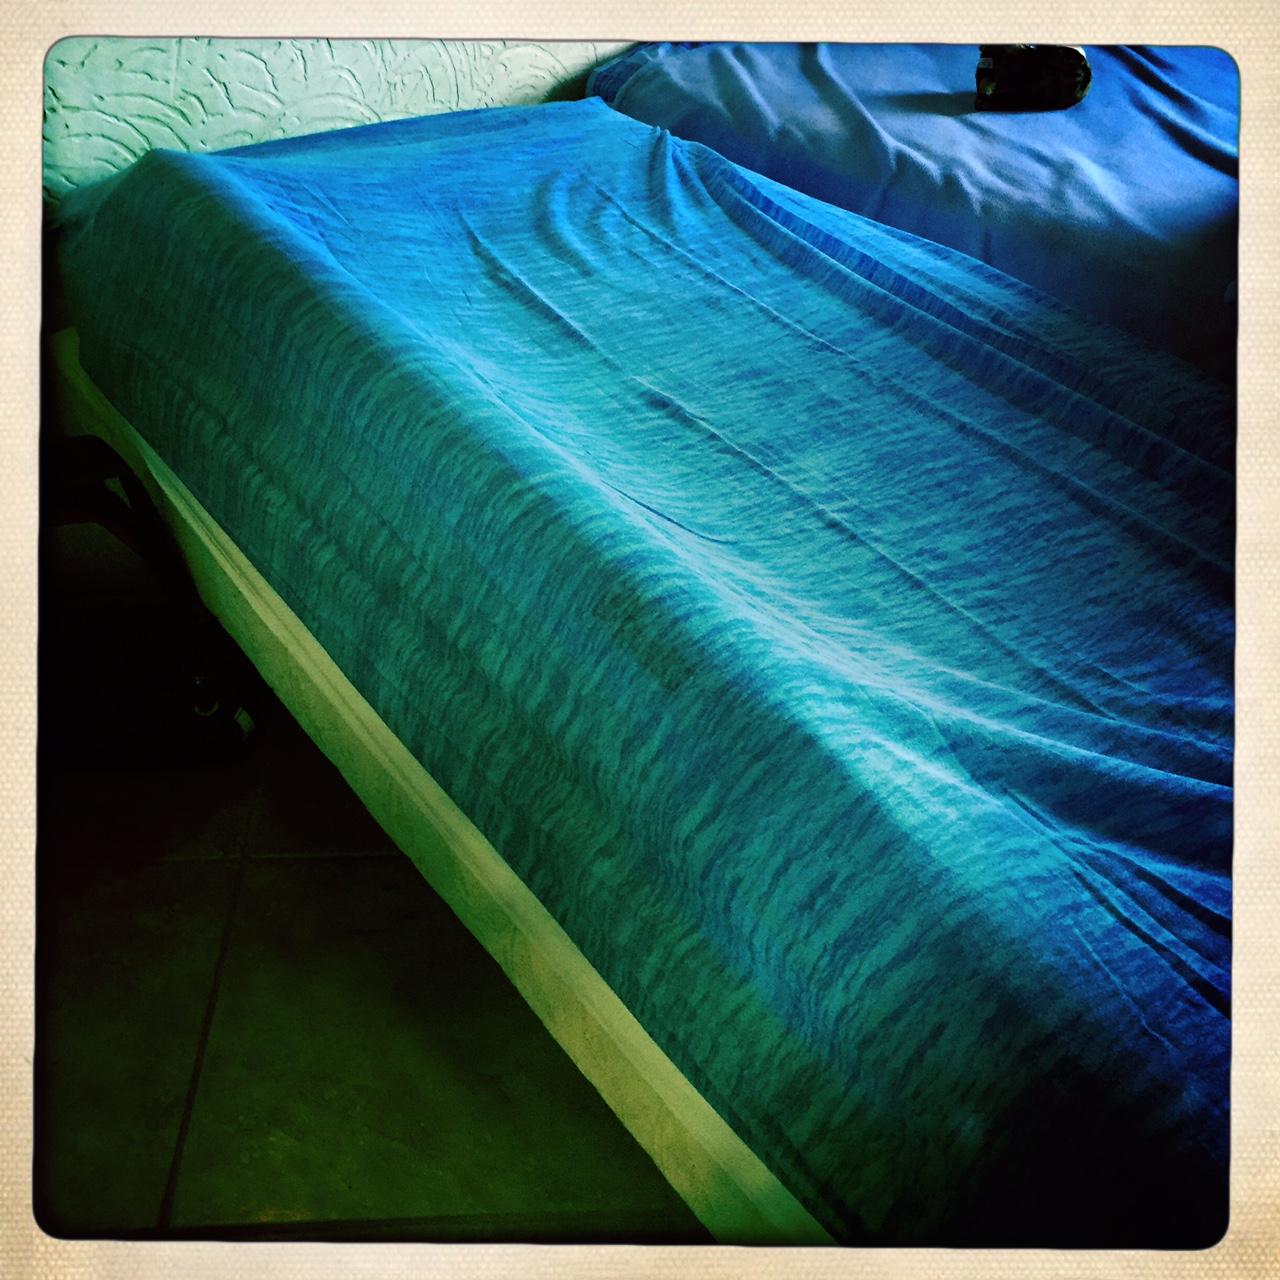 la barri re de lit gonflable the shrunks pmgirl. Black Bedroom Furniture Sets. Home Design Ideas